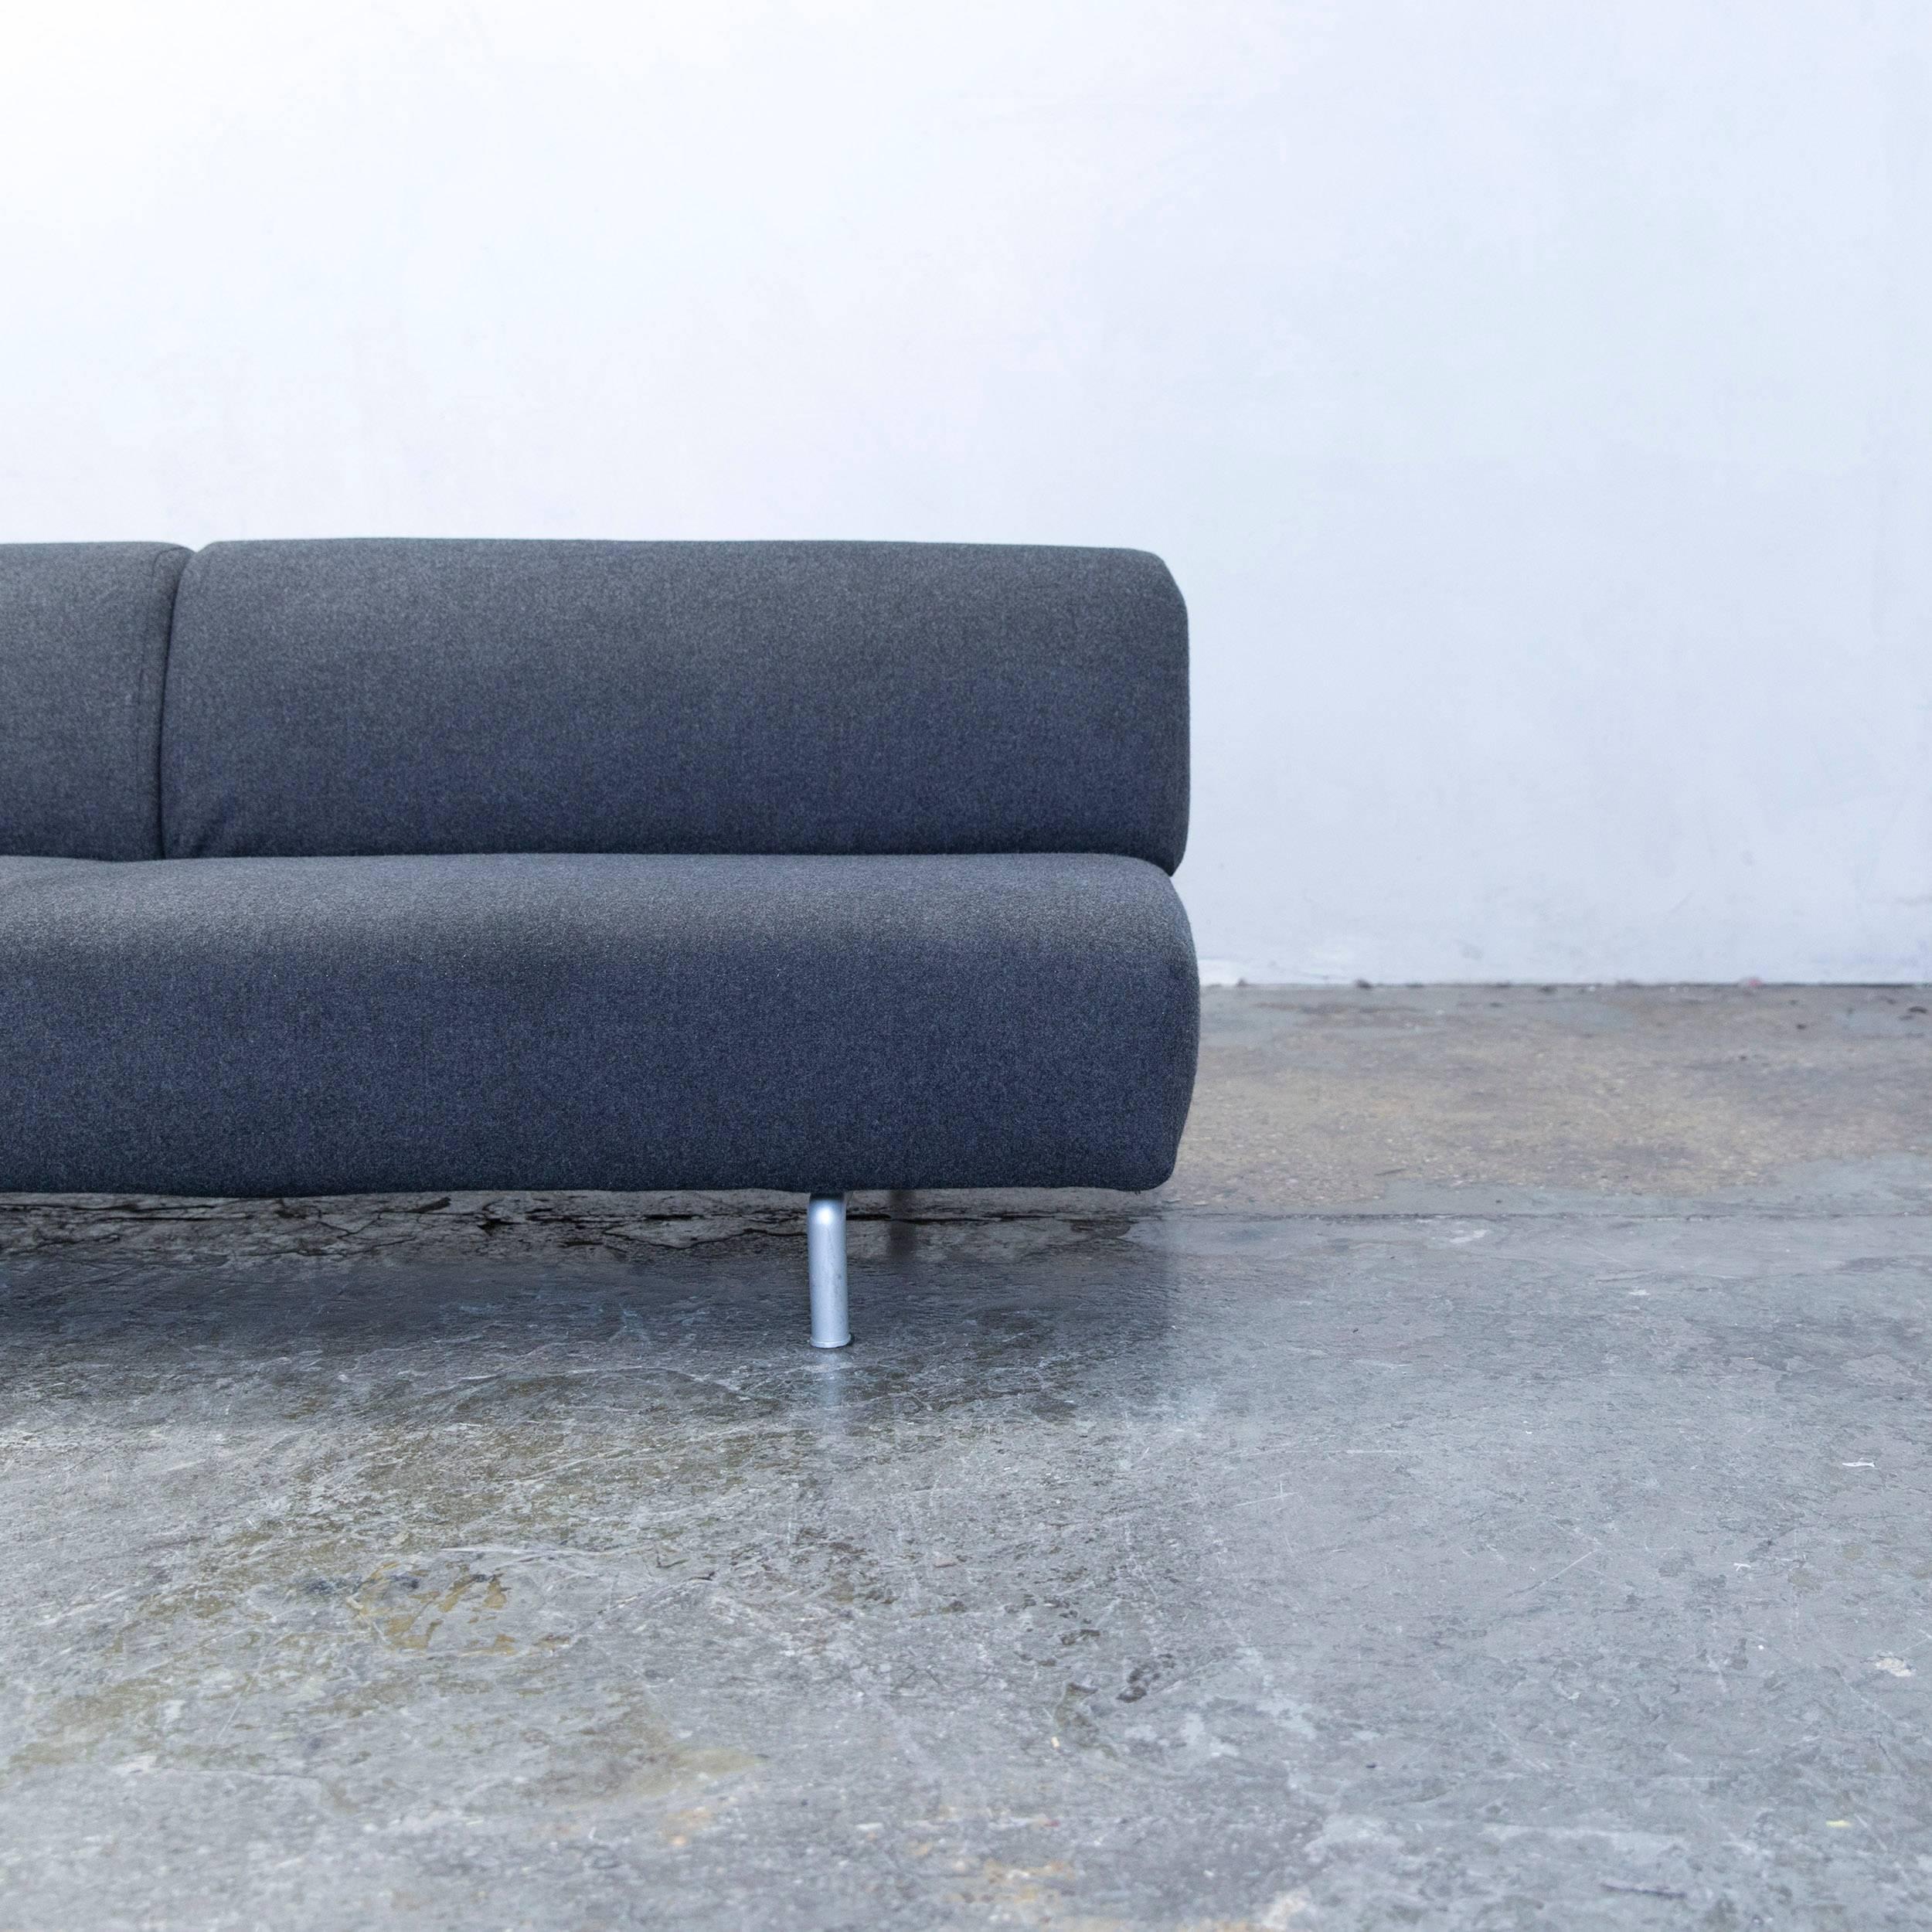 sofa gebraucht kaufen amazing rolf benz sofa kaufen good. Black Bedroom Furniture Sets. Home Design Ideas